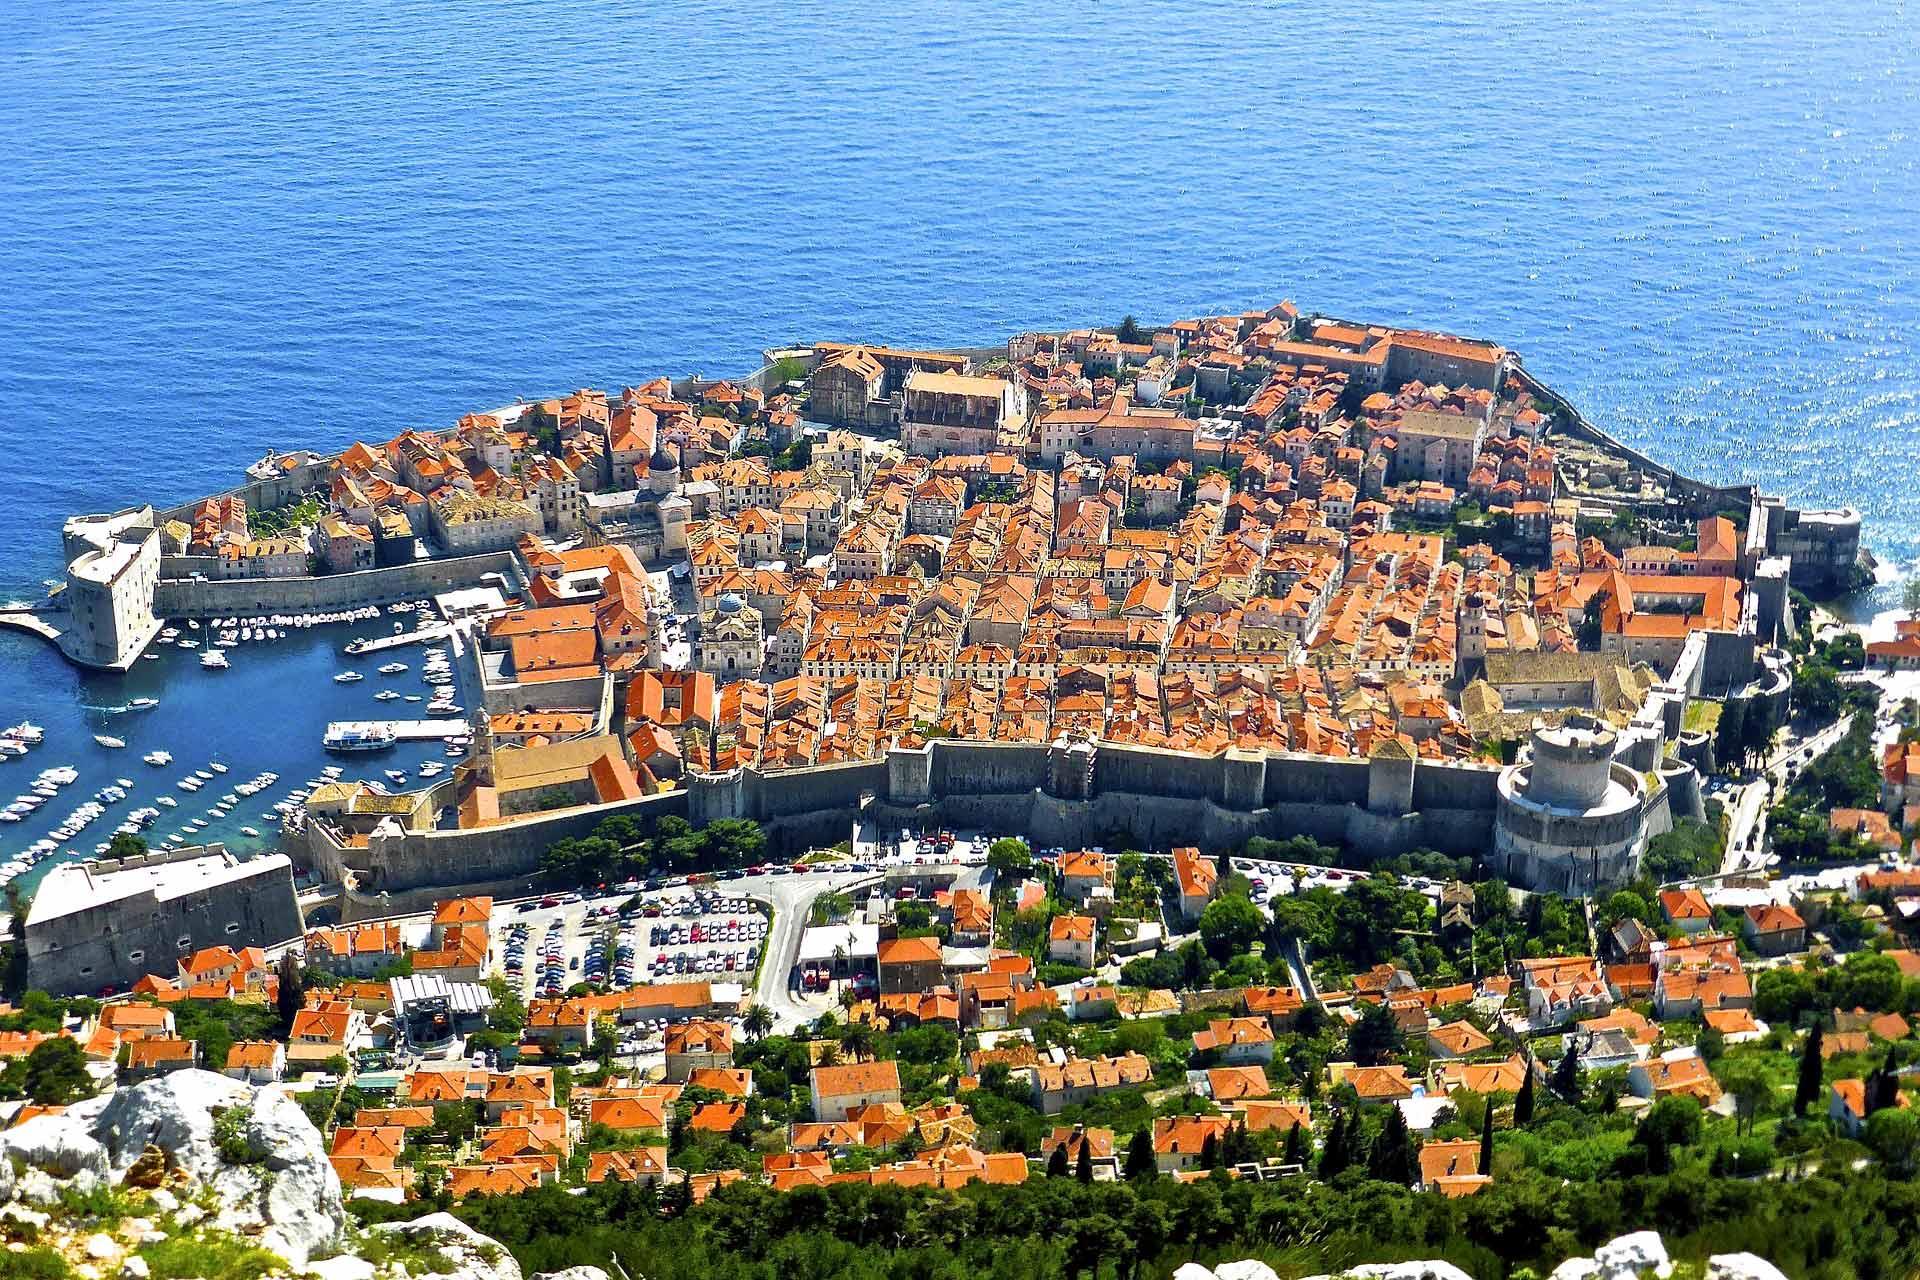 Vol Lyon Dubrovnik en Croatie à partir de 5€ l'aller simple, 20€ l'aller retour